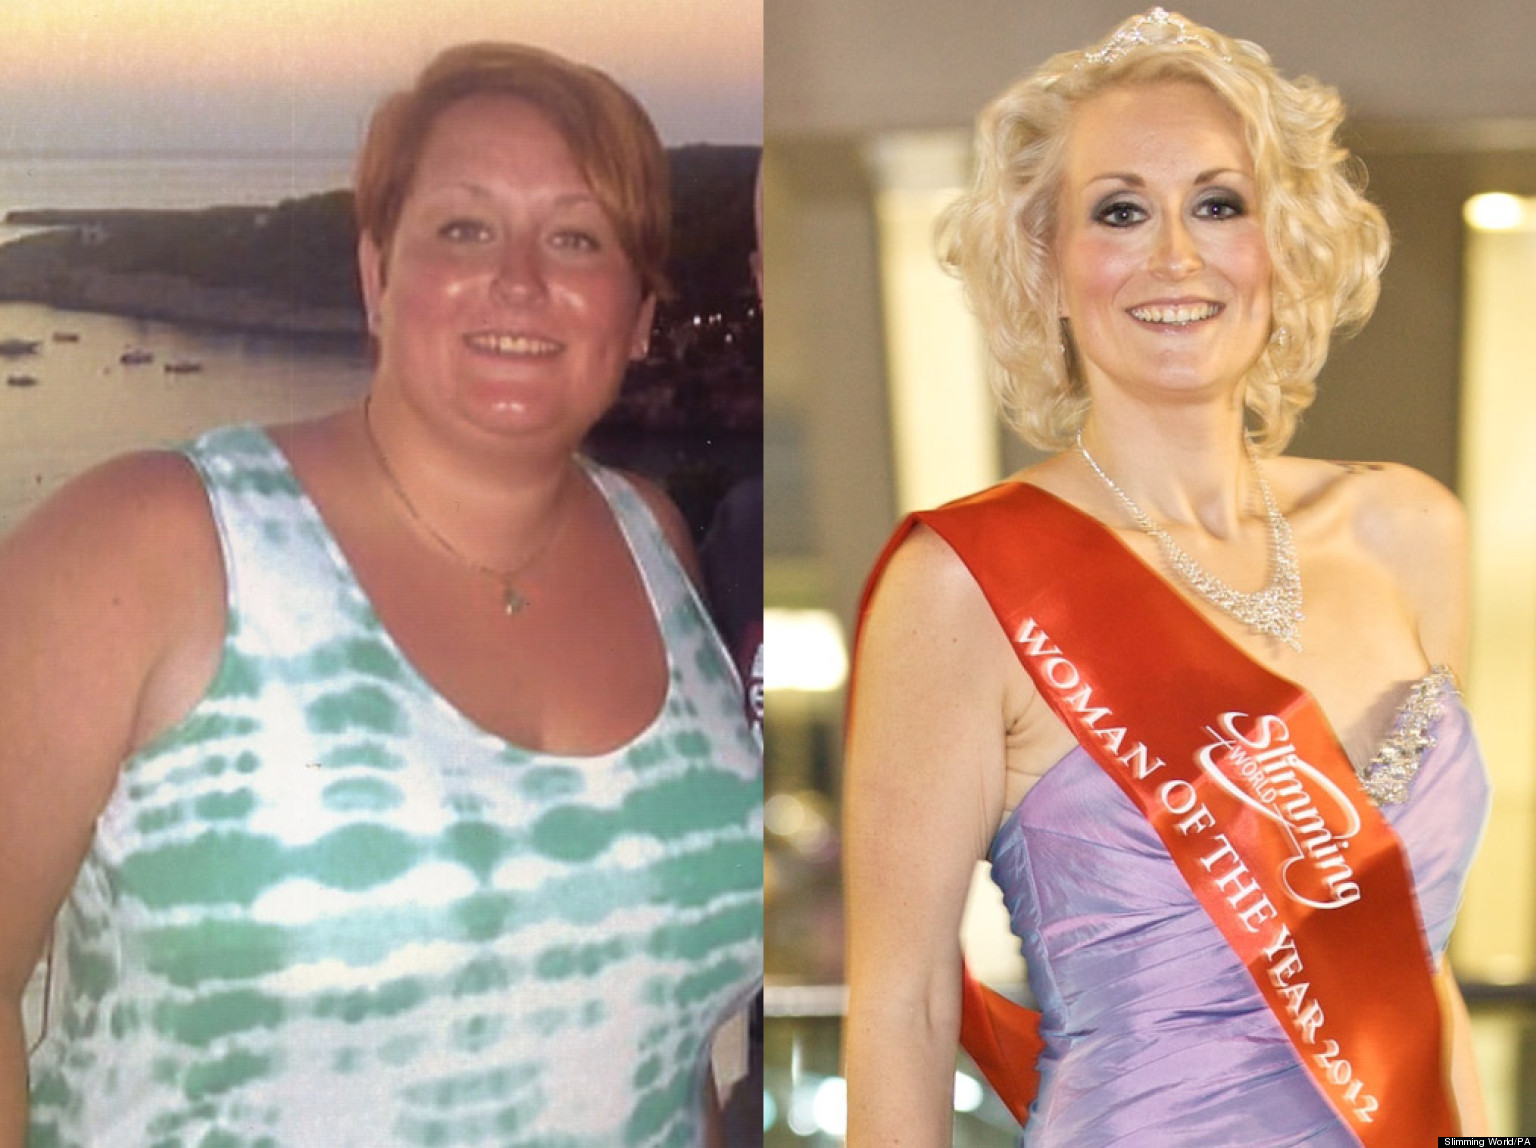 Slimming World Winner 21 Stone Mum Loses Half Her Body